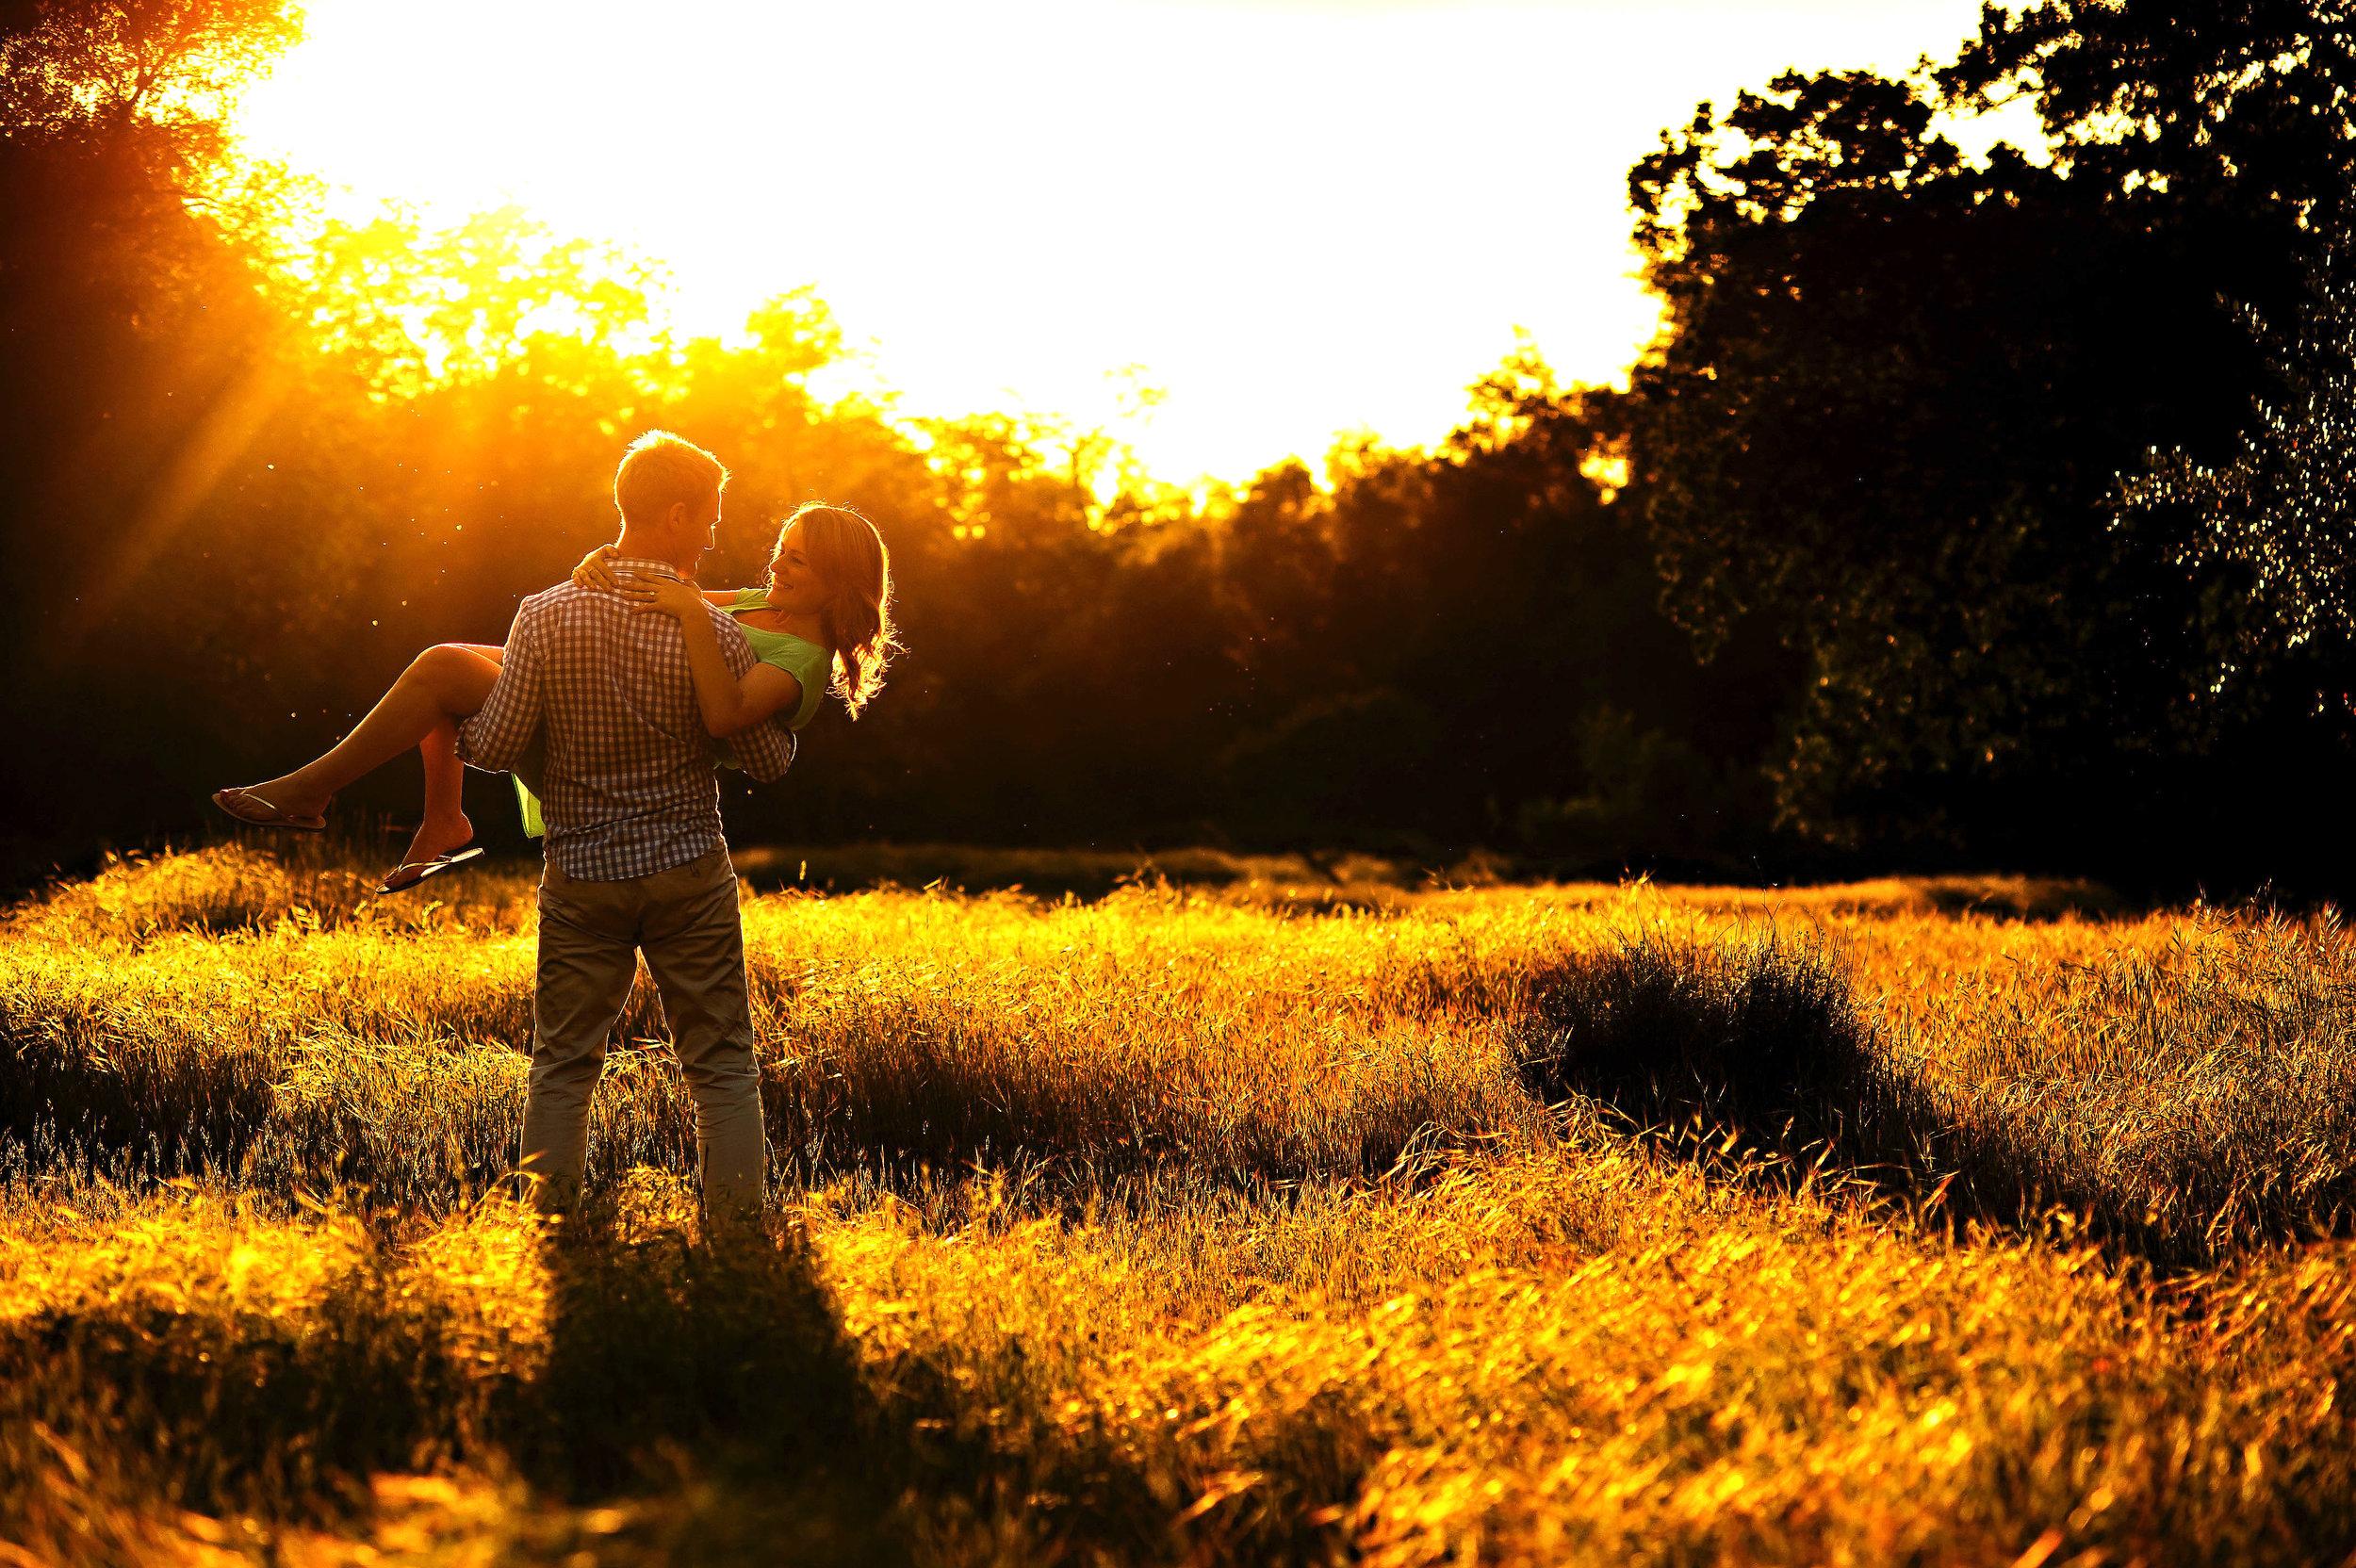 jennifer-dave-020-engagement-sacramento-wedding-photographer-katherine-nicole-photography.JPG